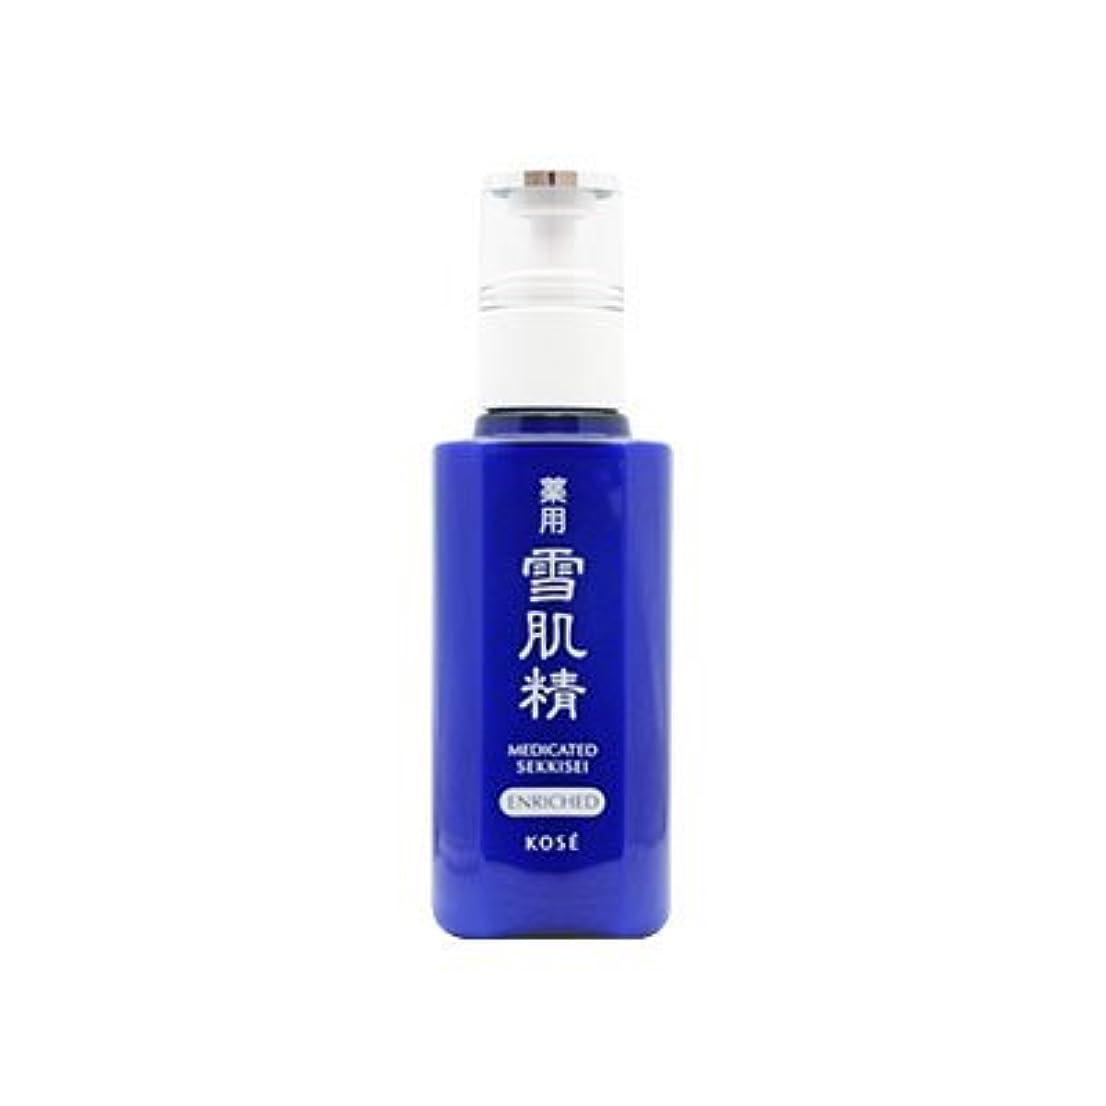 すでにからかう作動するコーセー(KOSE) 薬用 雪肌精 乳液 140ml[並行輸入品]